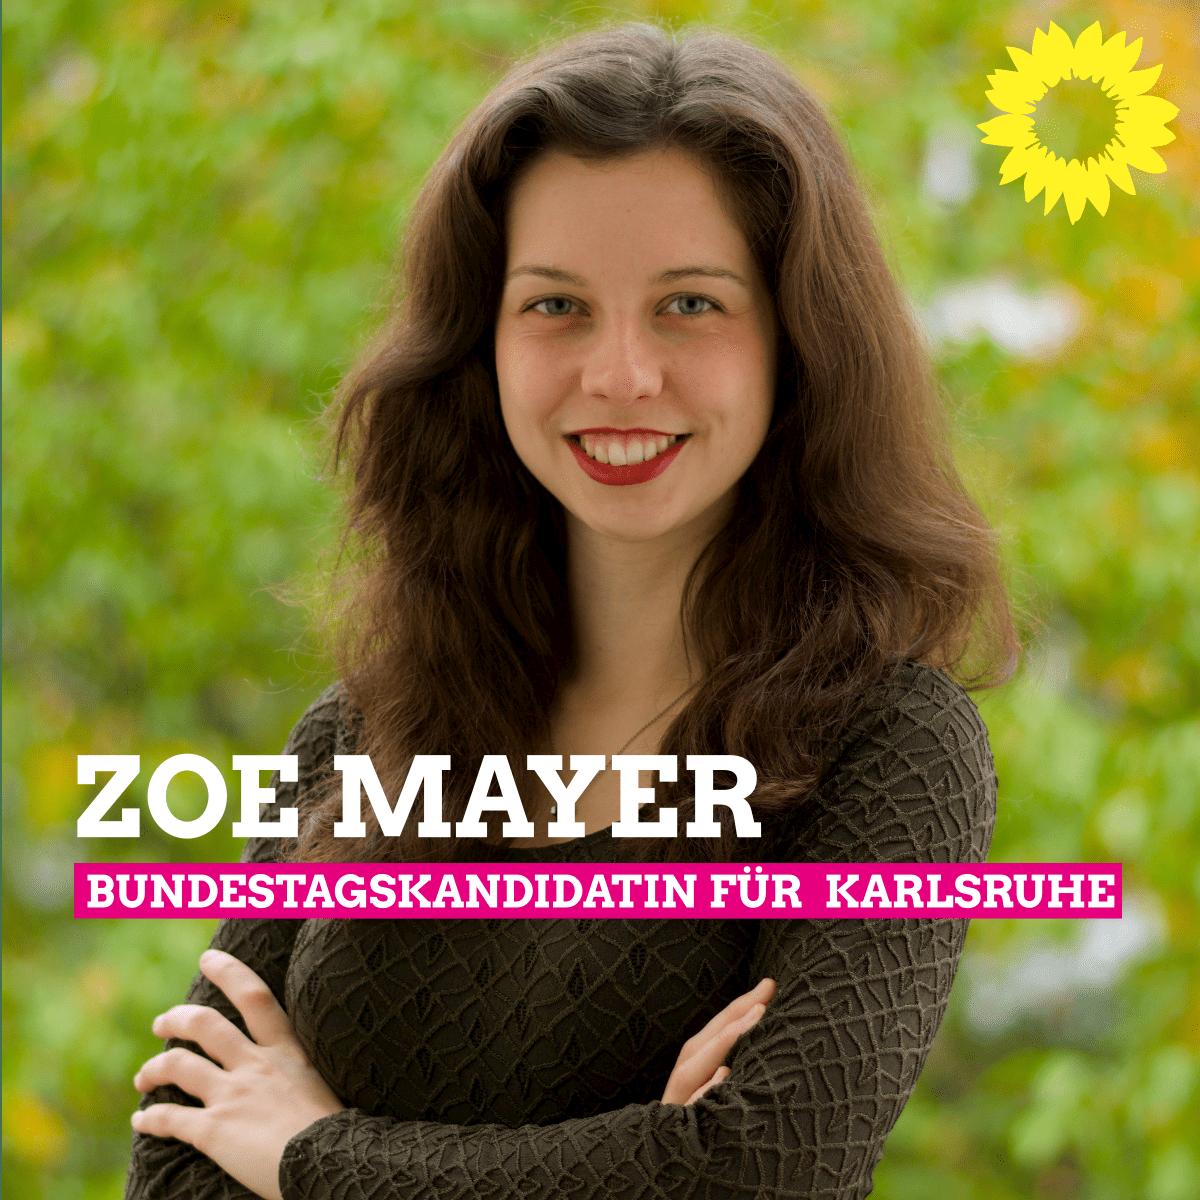 Zoe Mayer unsere Direktkandidatin zur Bundestagswahl 2021